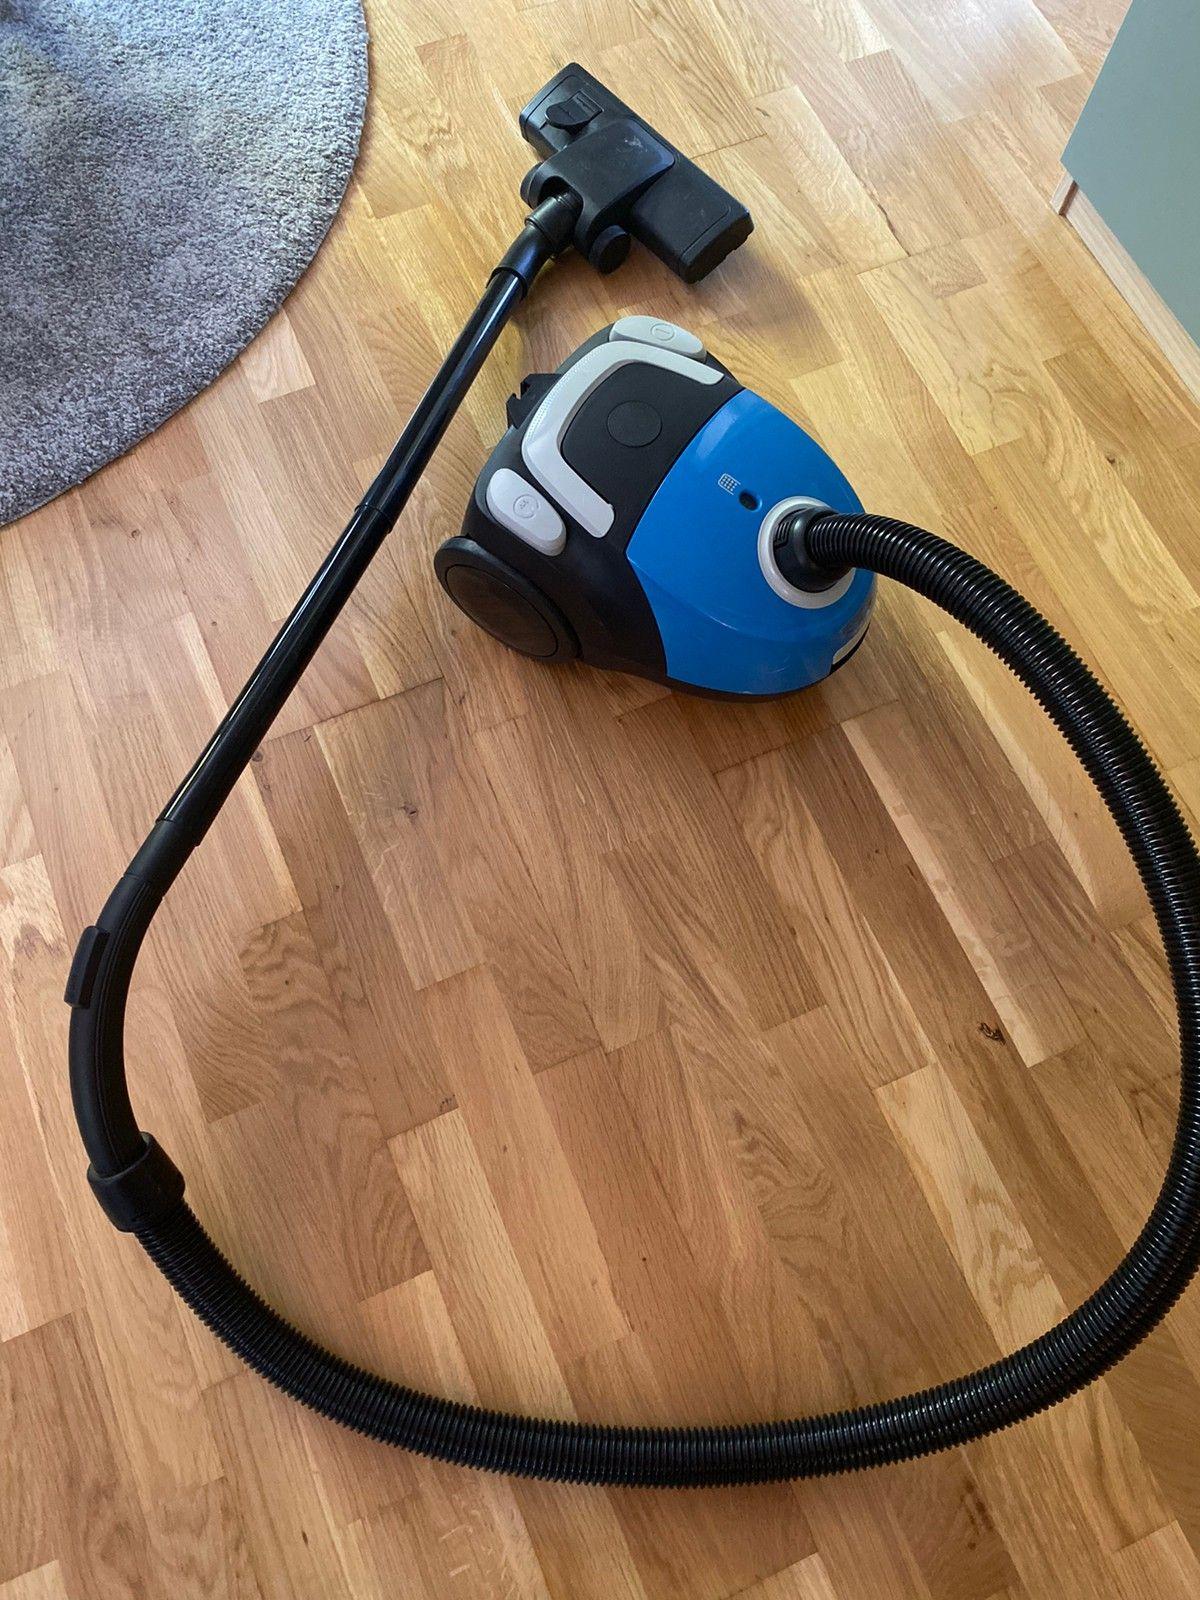 Brukt støvsuger til salgs | FINN.no